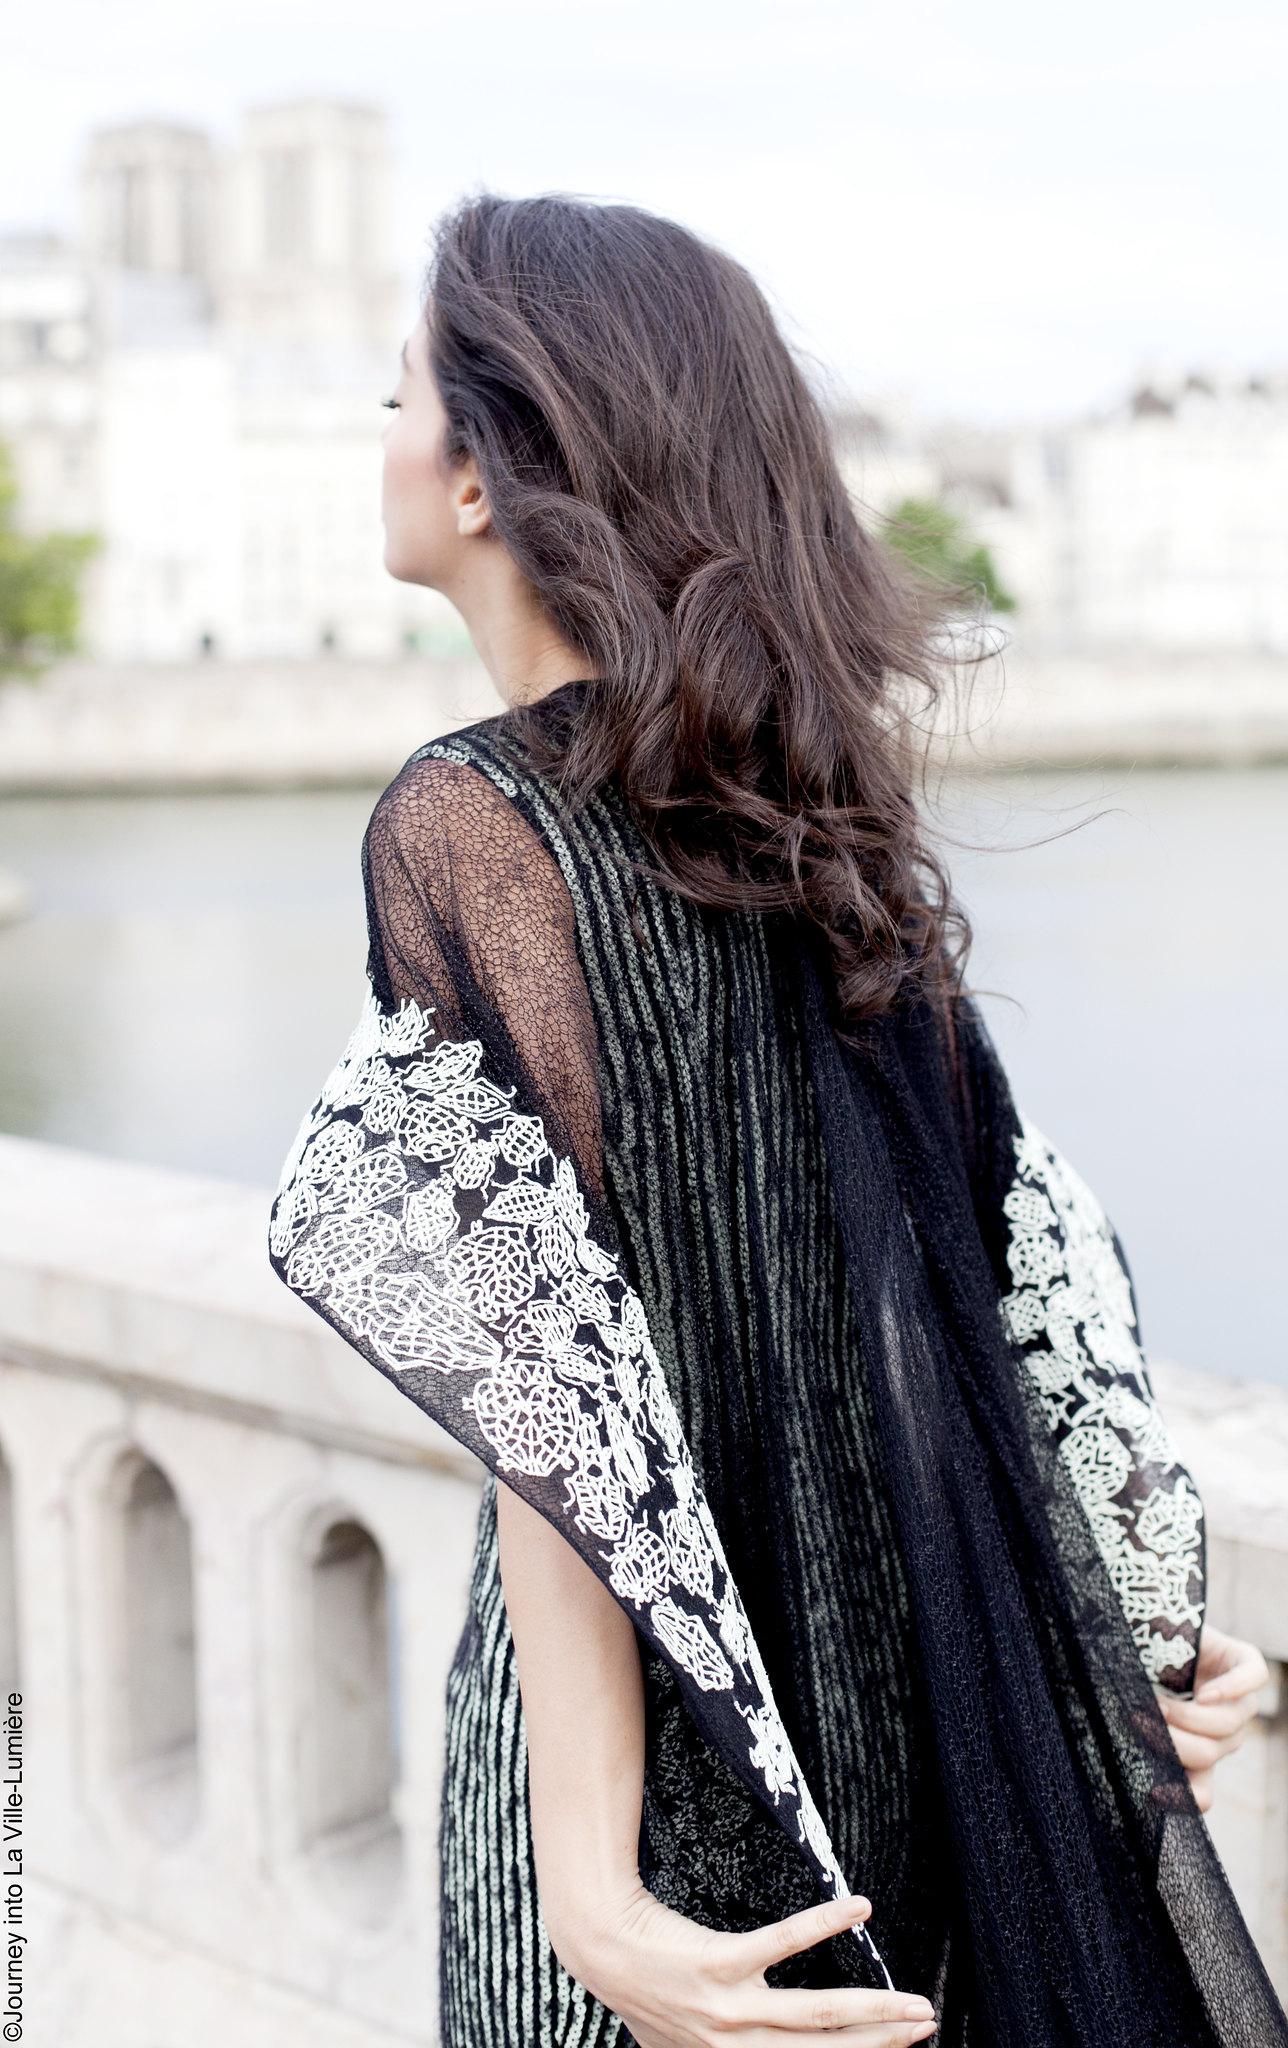 Lana El Sahely wearing Rami Kadi' new collection